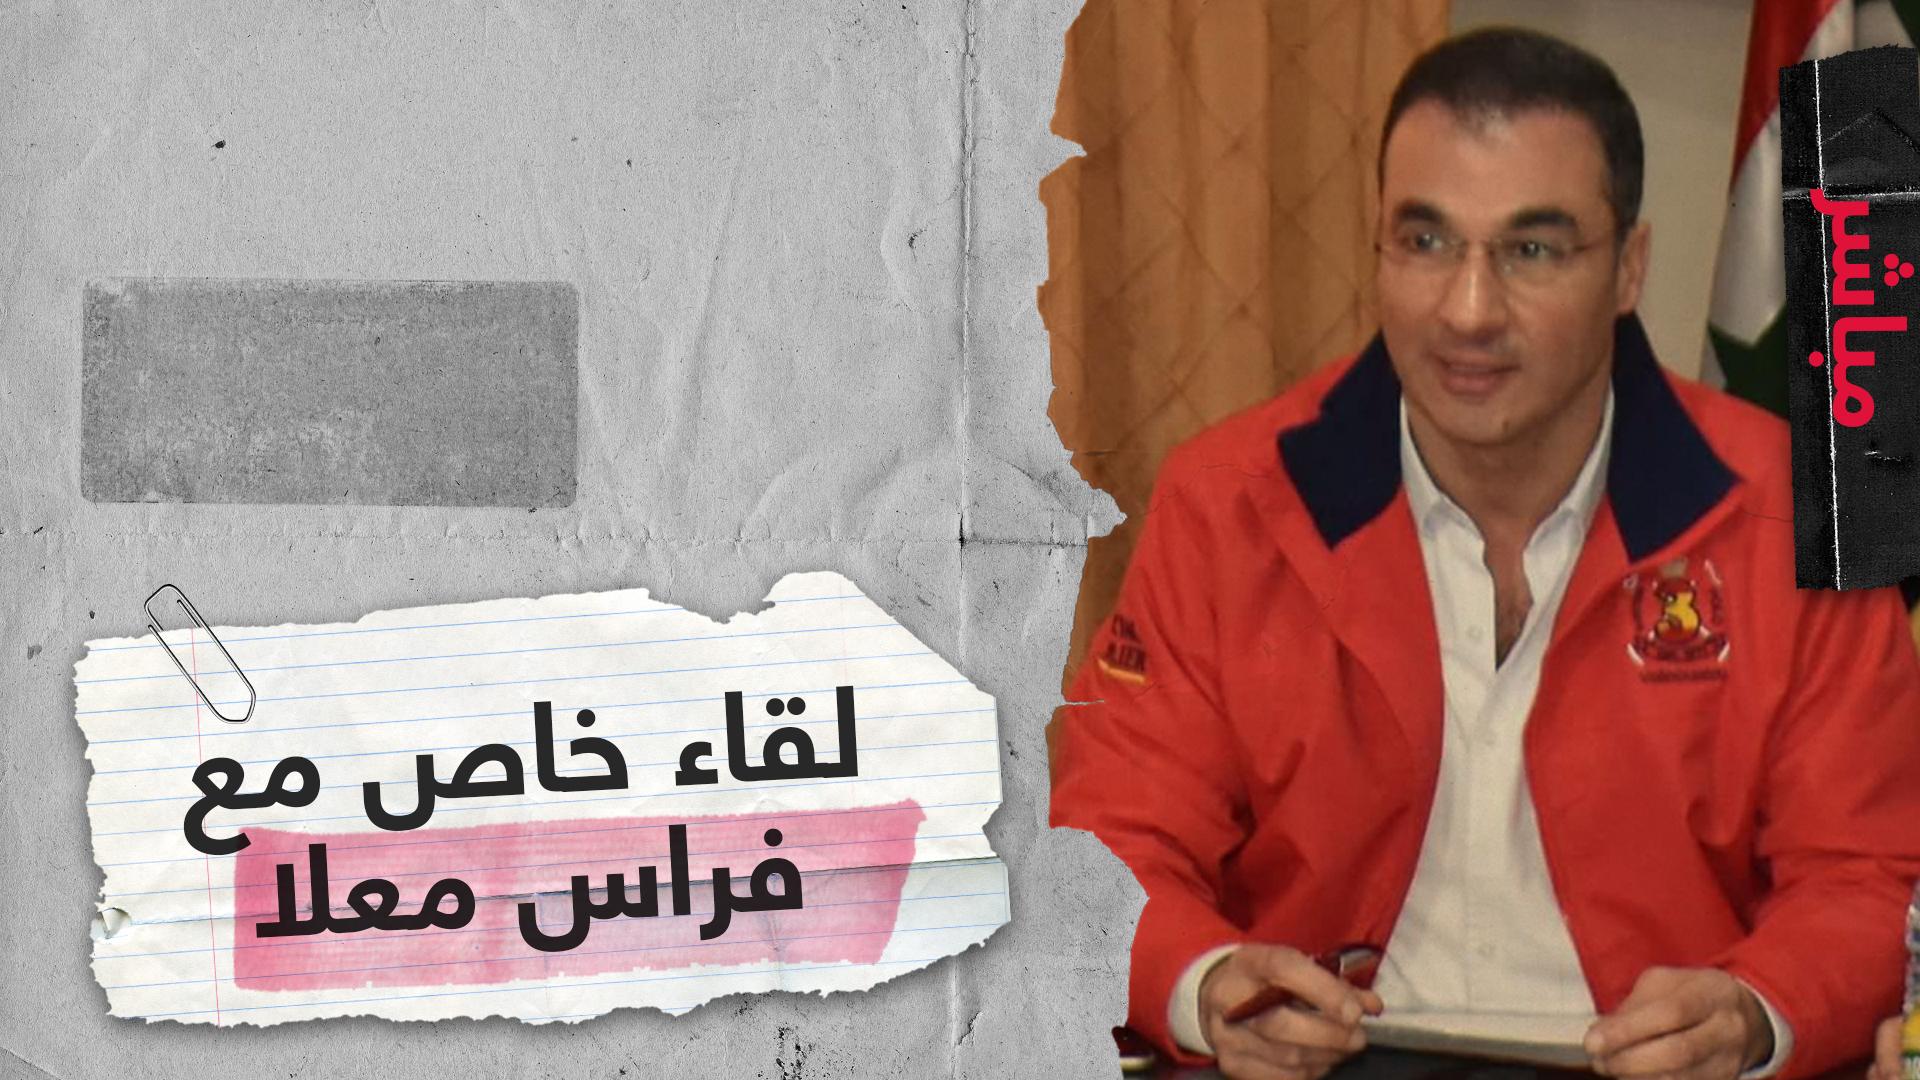 لقاء خاص مع رئيس الاتحاد الرياضي العام في سوريافراس معلا